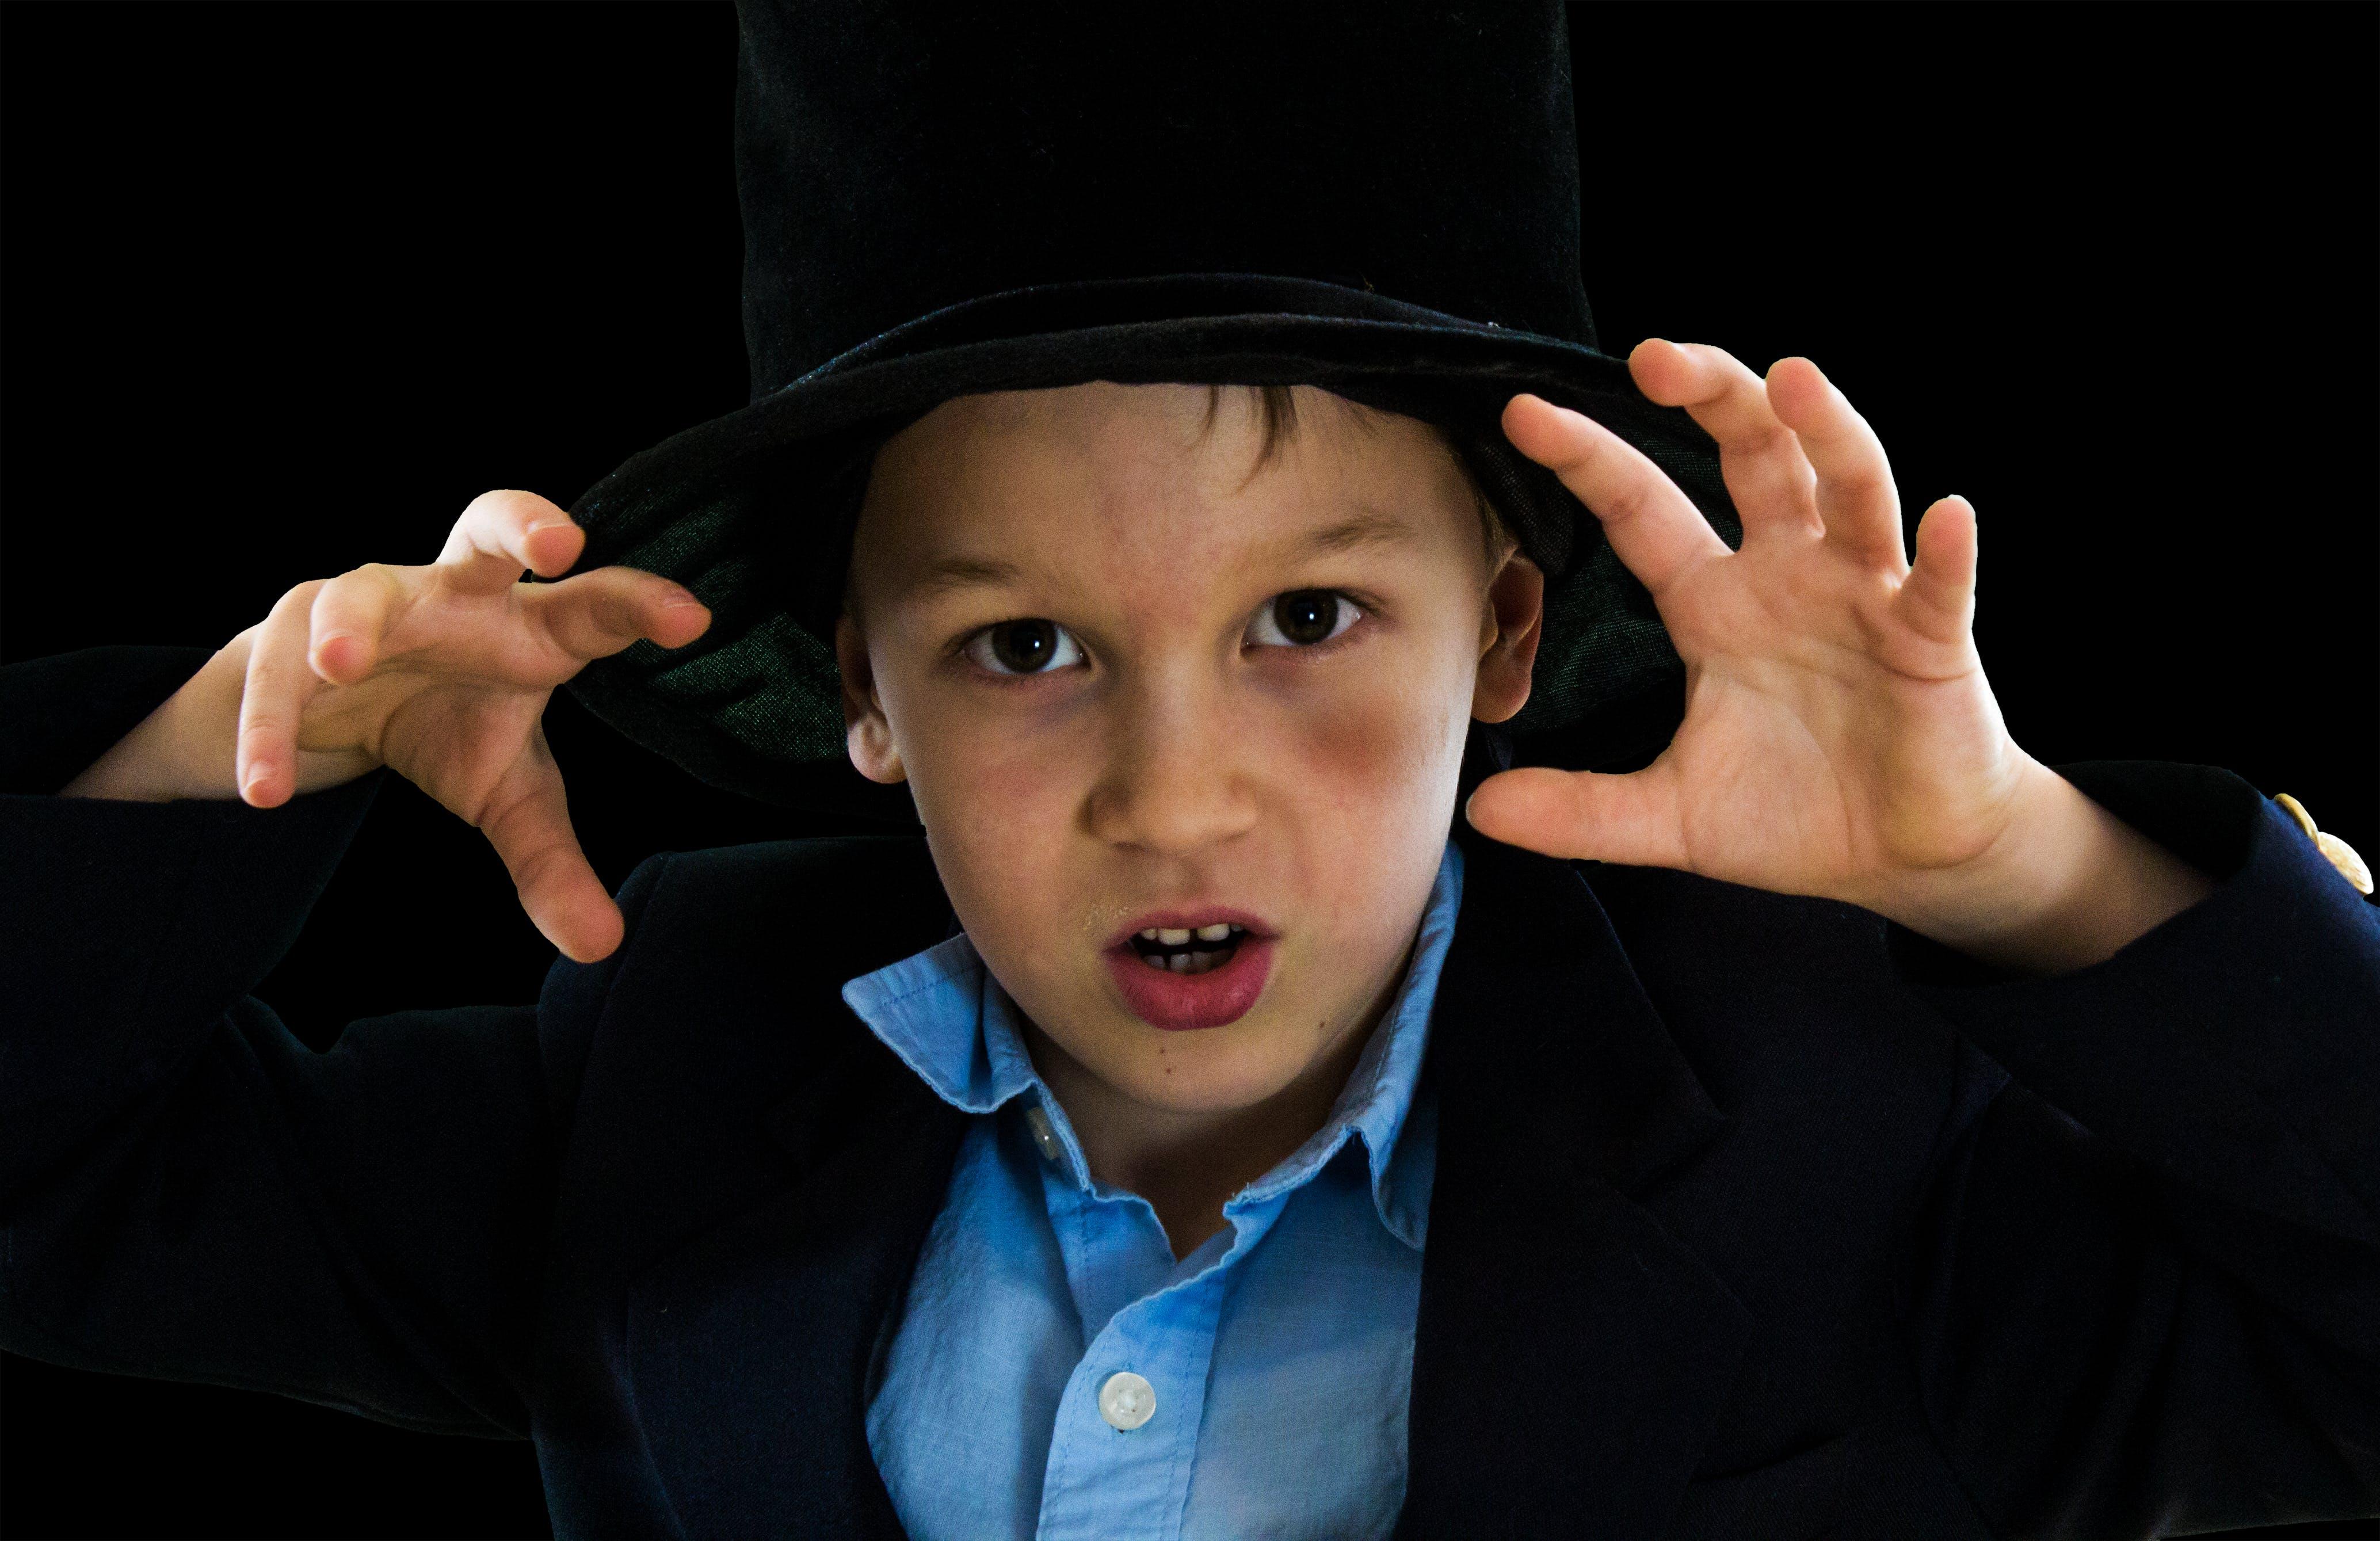 of boy, magic, magician, top hat